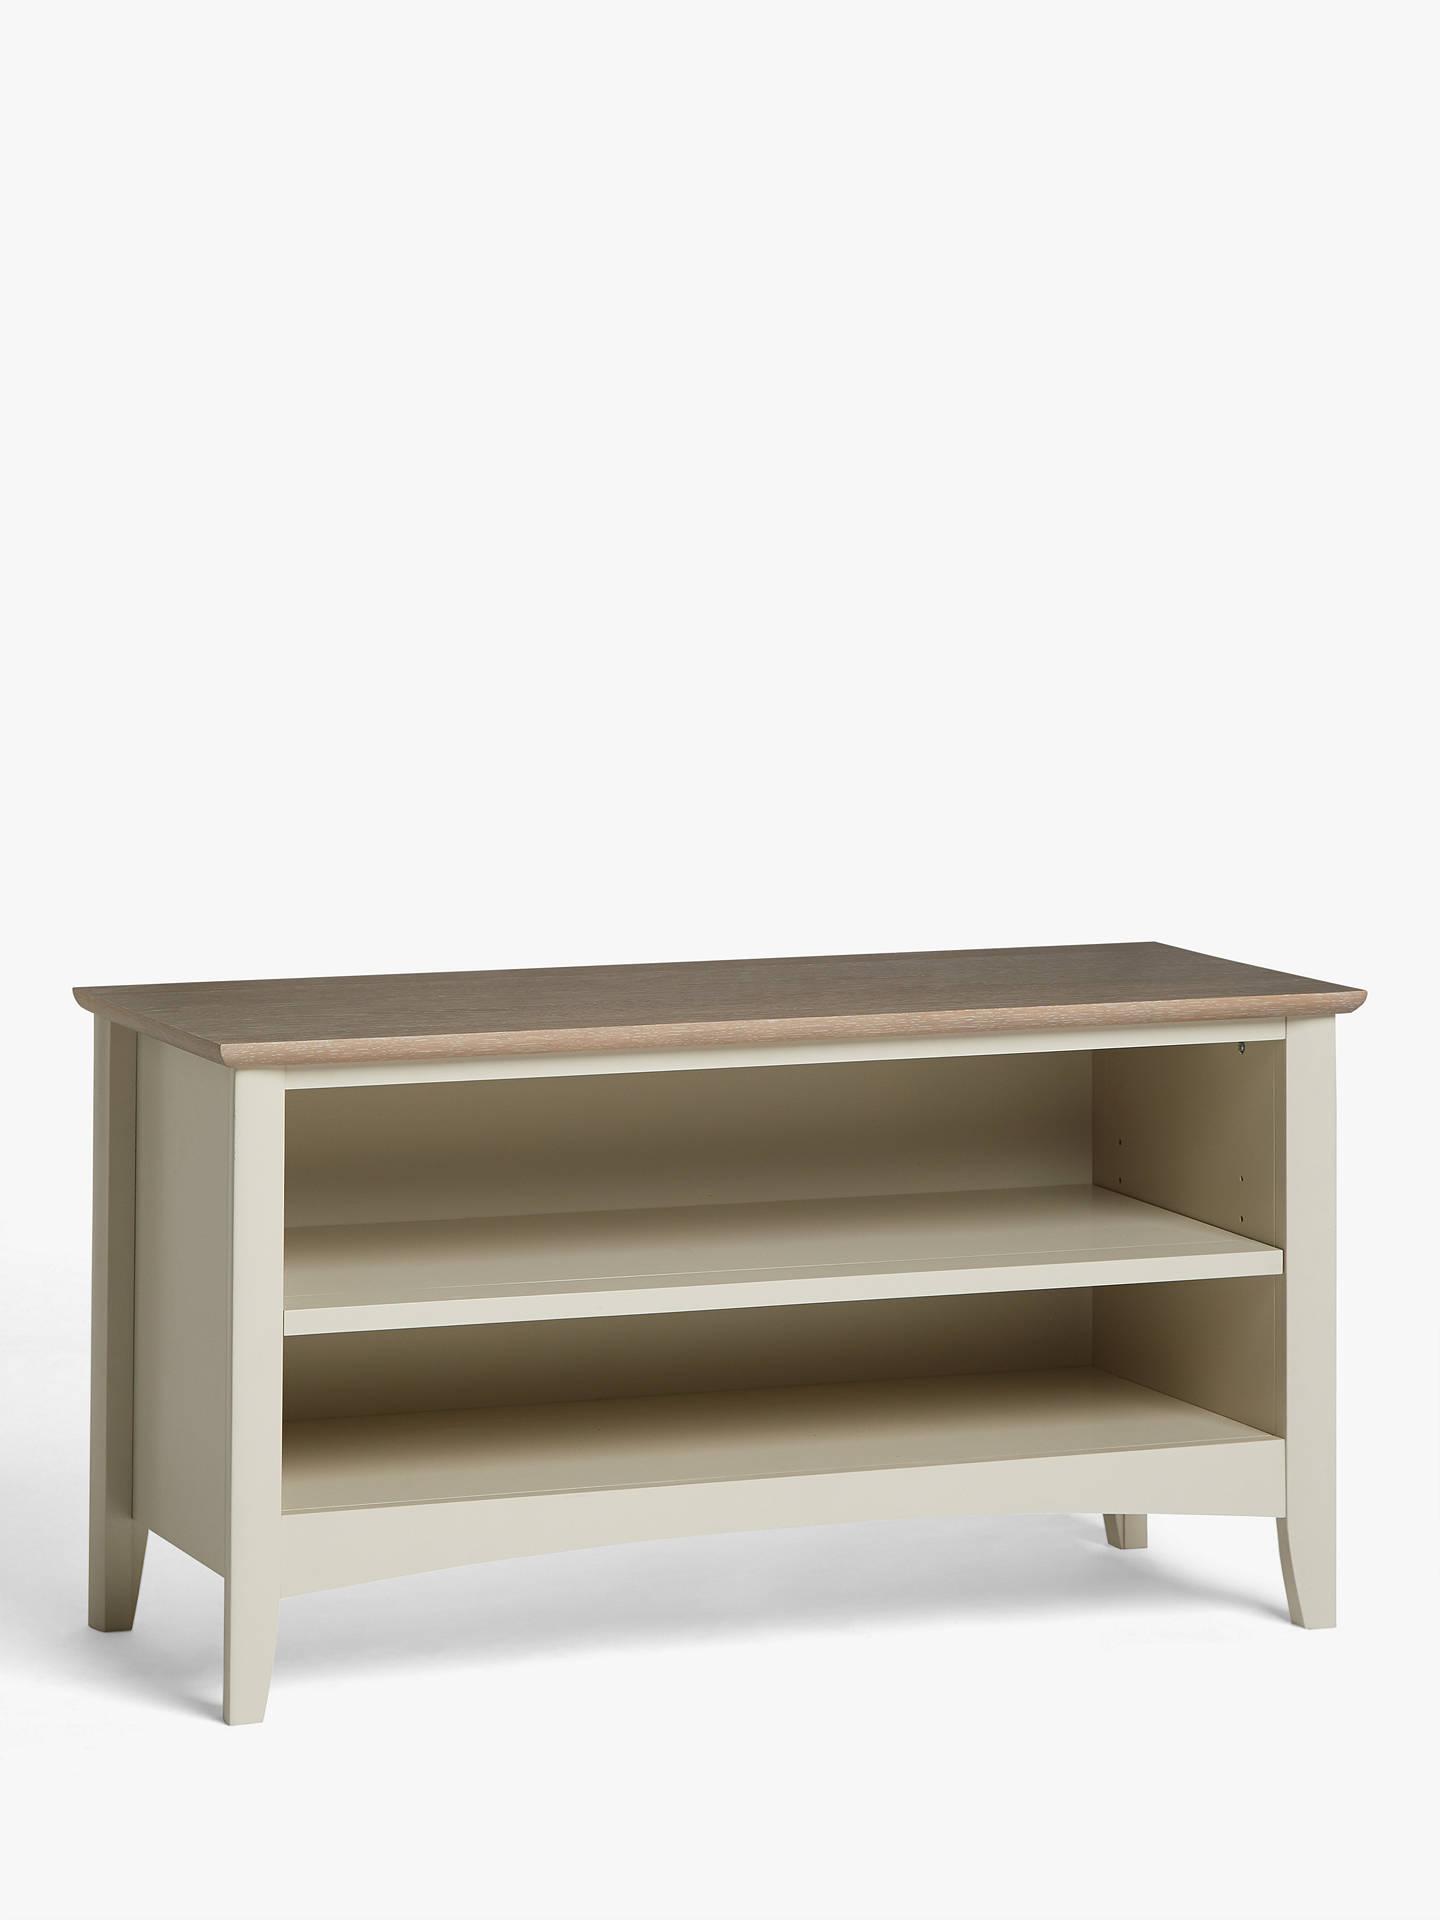 Miraculous John Lewis Partners Alba Shoe Storage Bench Washed Grey Inzonedesignstudio Interior Chair Design Inzonedesignstudiocom